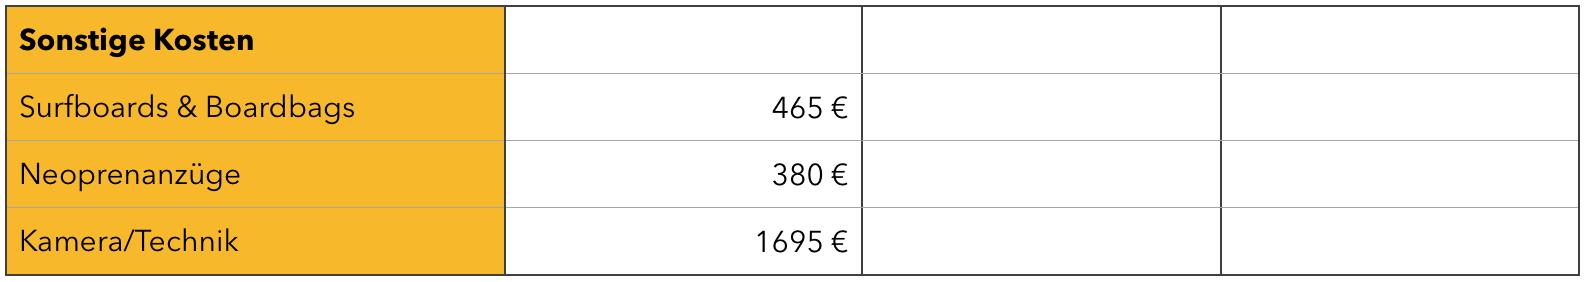 Tabelle mit sonstigen Kostenverursachern während der Weltreise